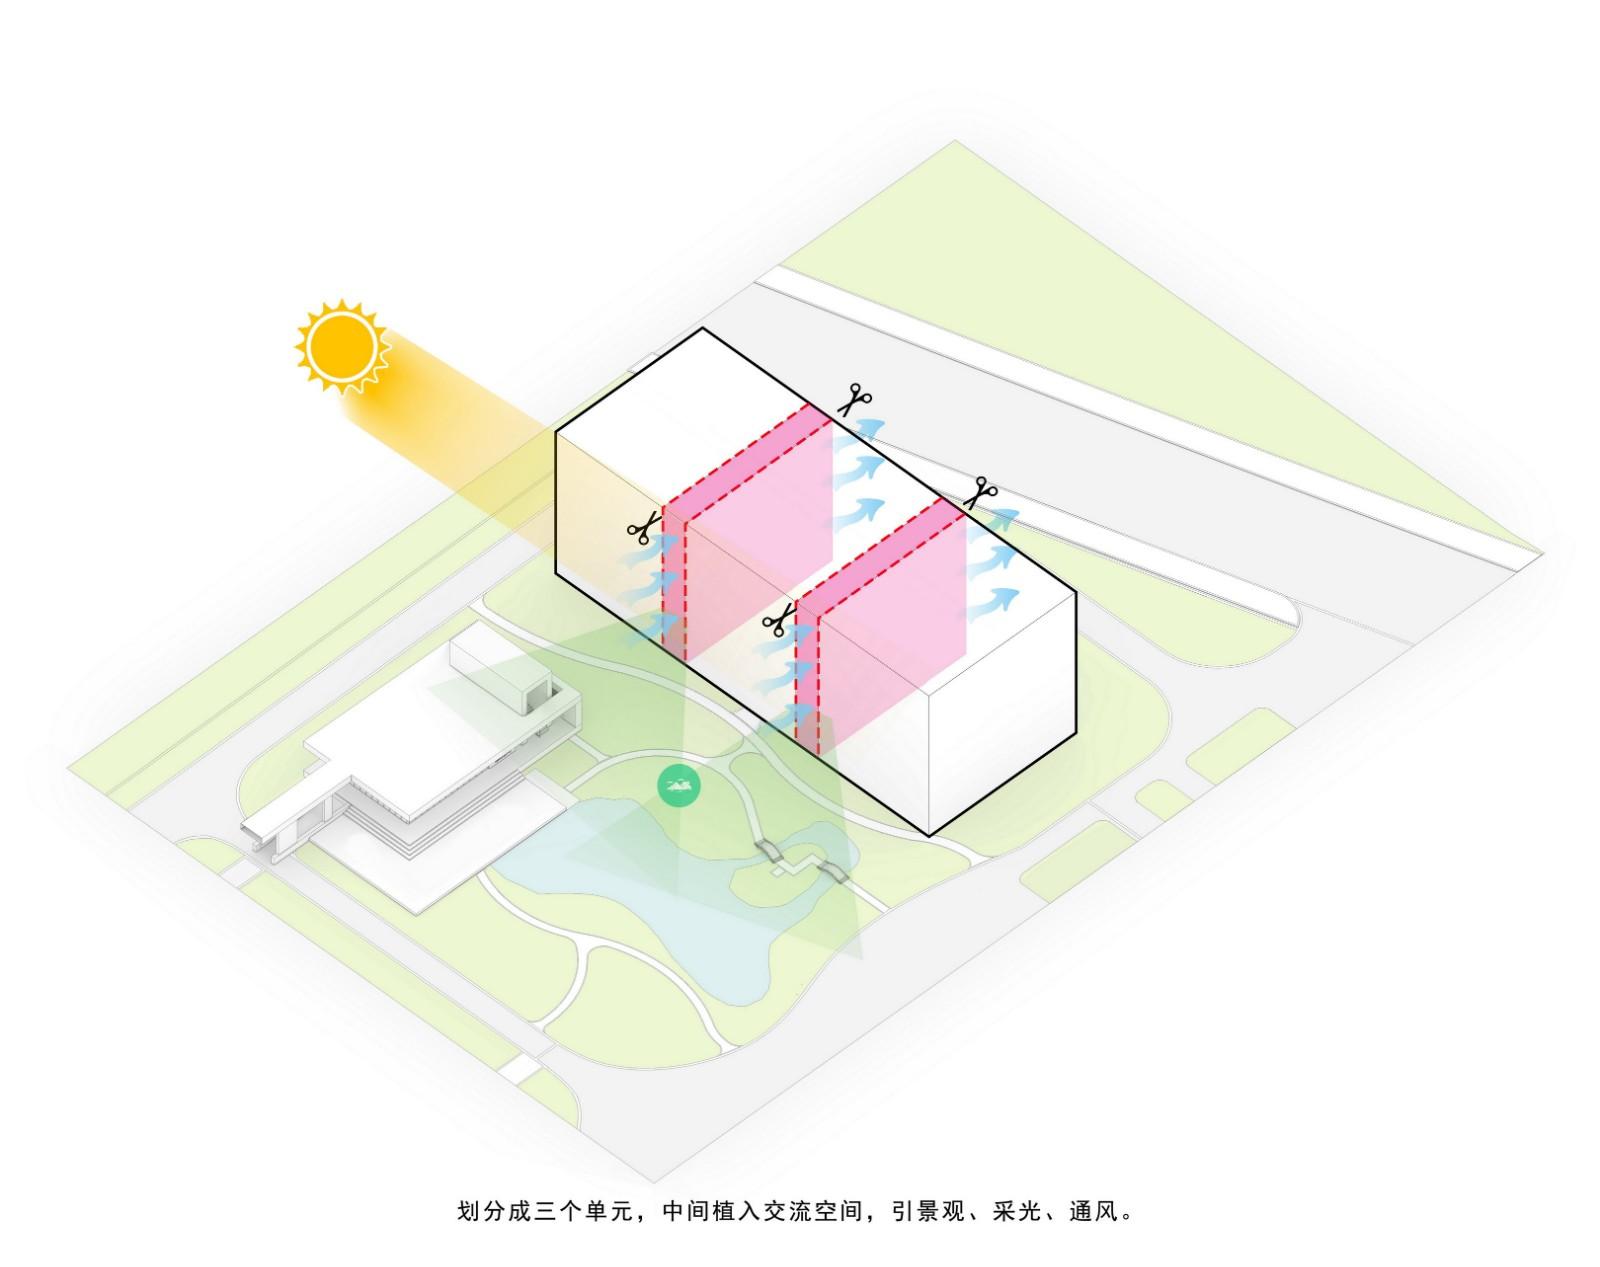 杭州第二中学钱江校区学生宿舍楼 / UAD浙大设计院